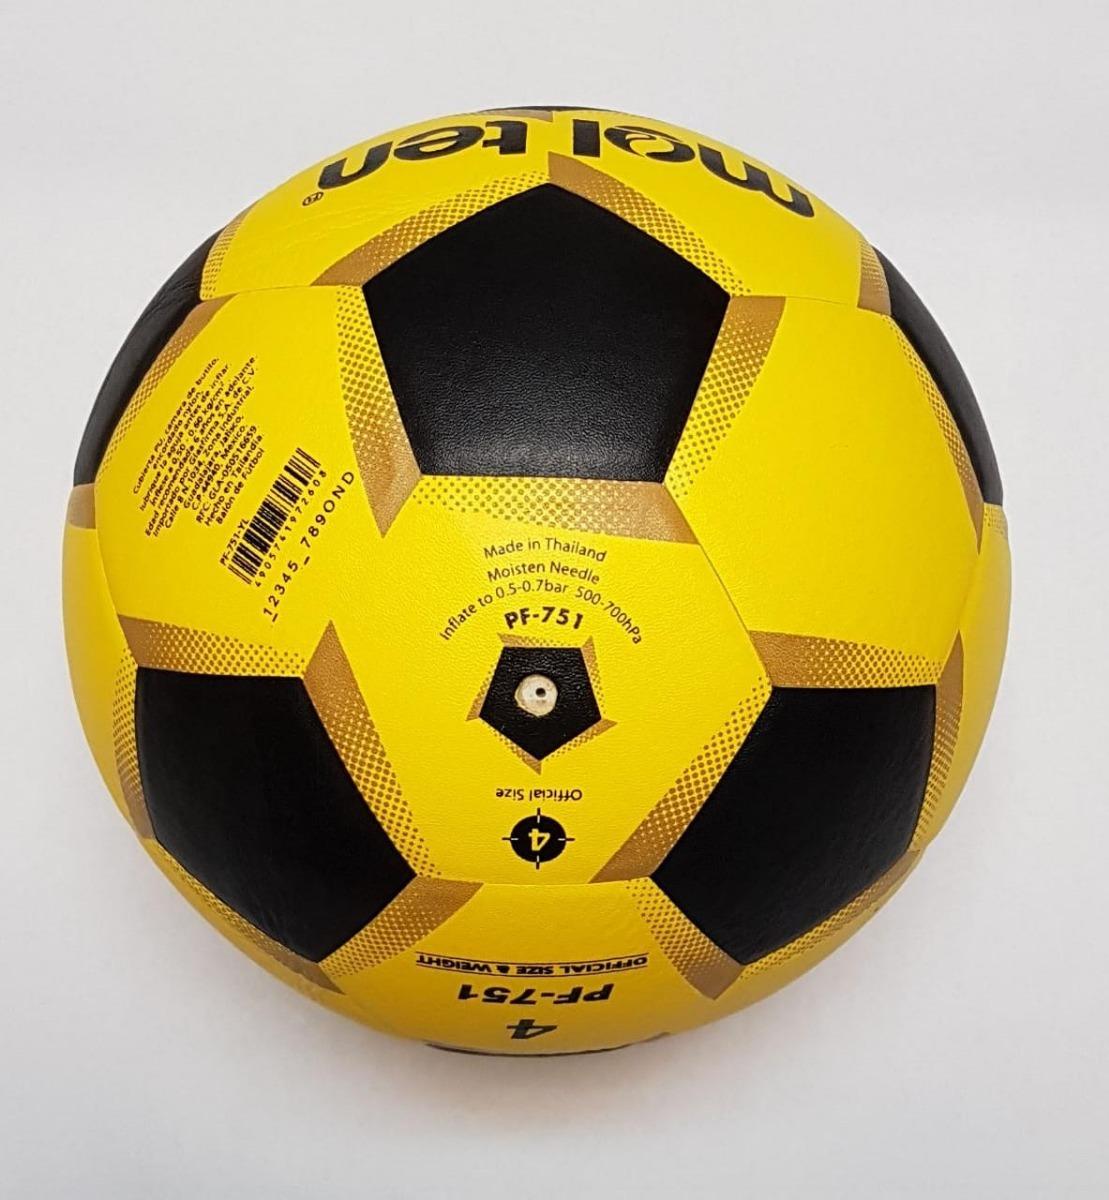 Balón Futbol Molten Pf-751 No.4 -   429.00 en Mercado Libre 1eded8b31963c